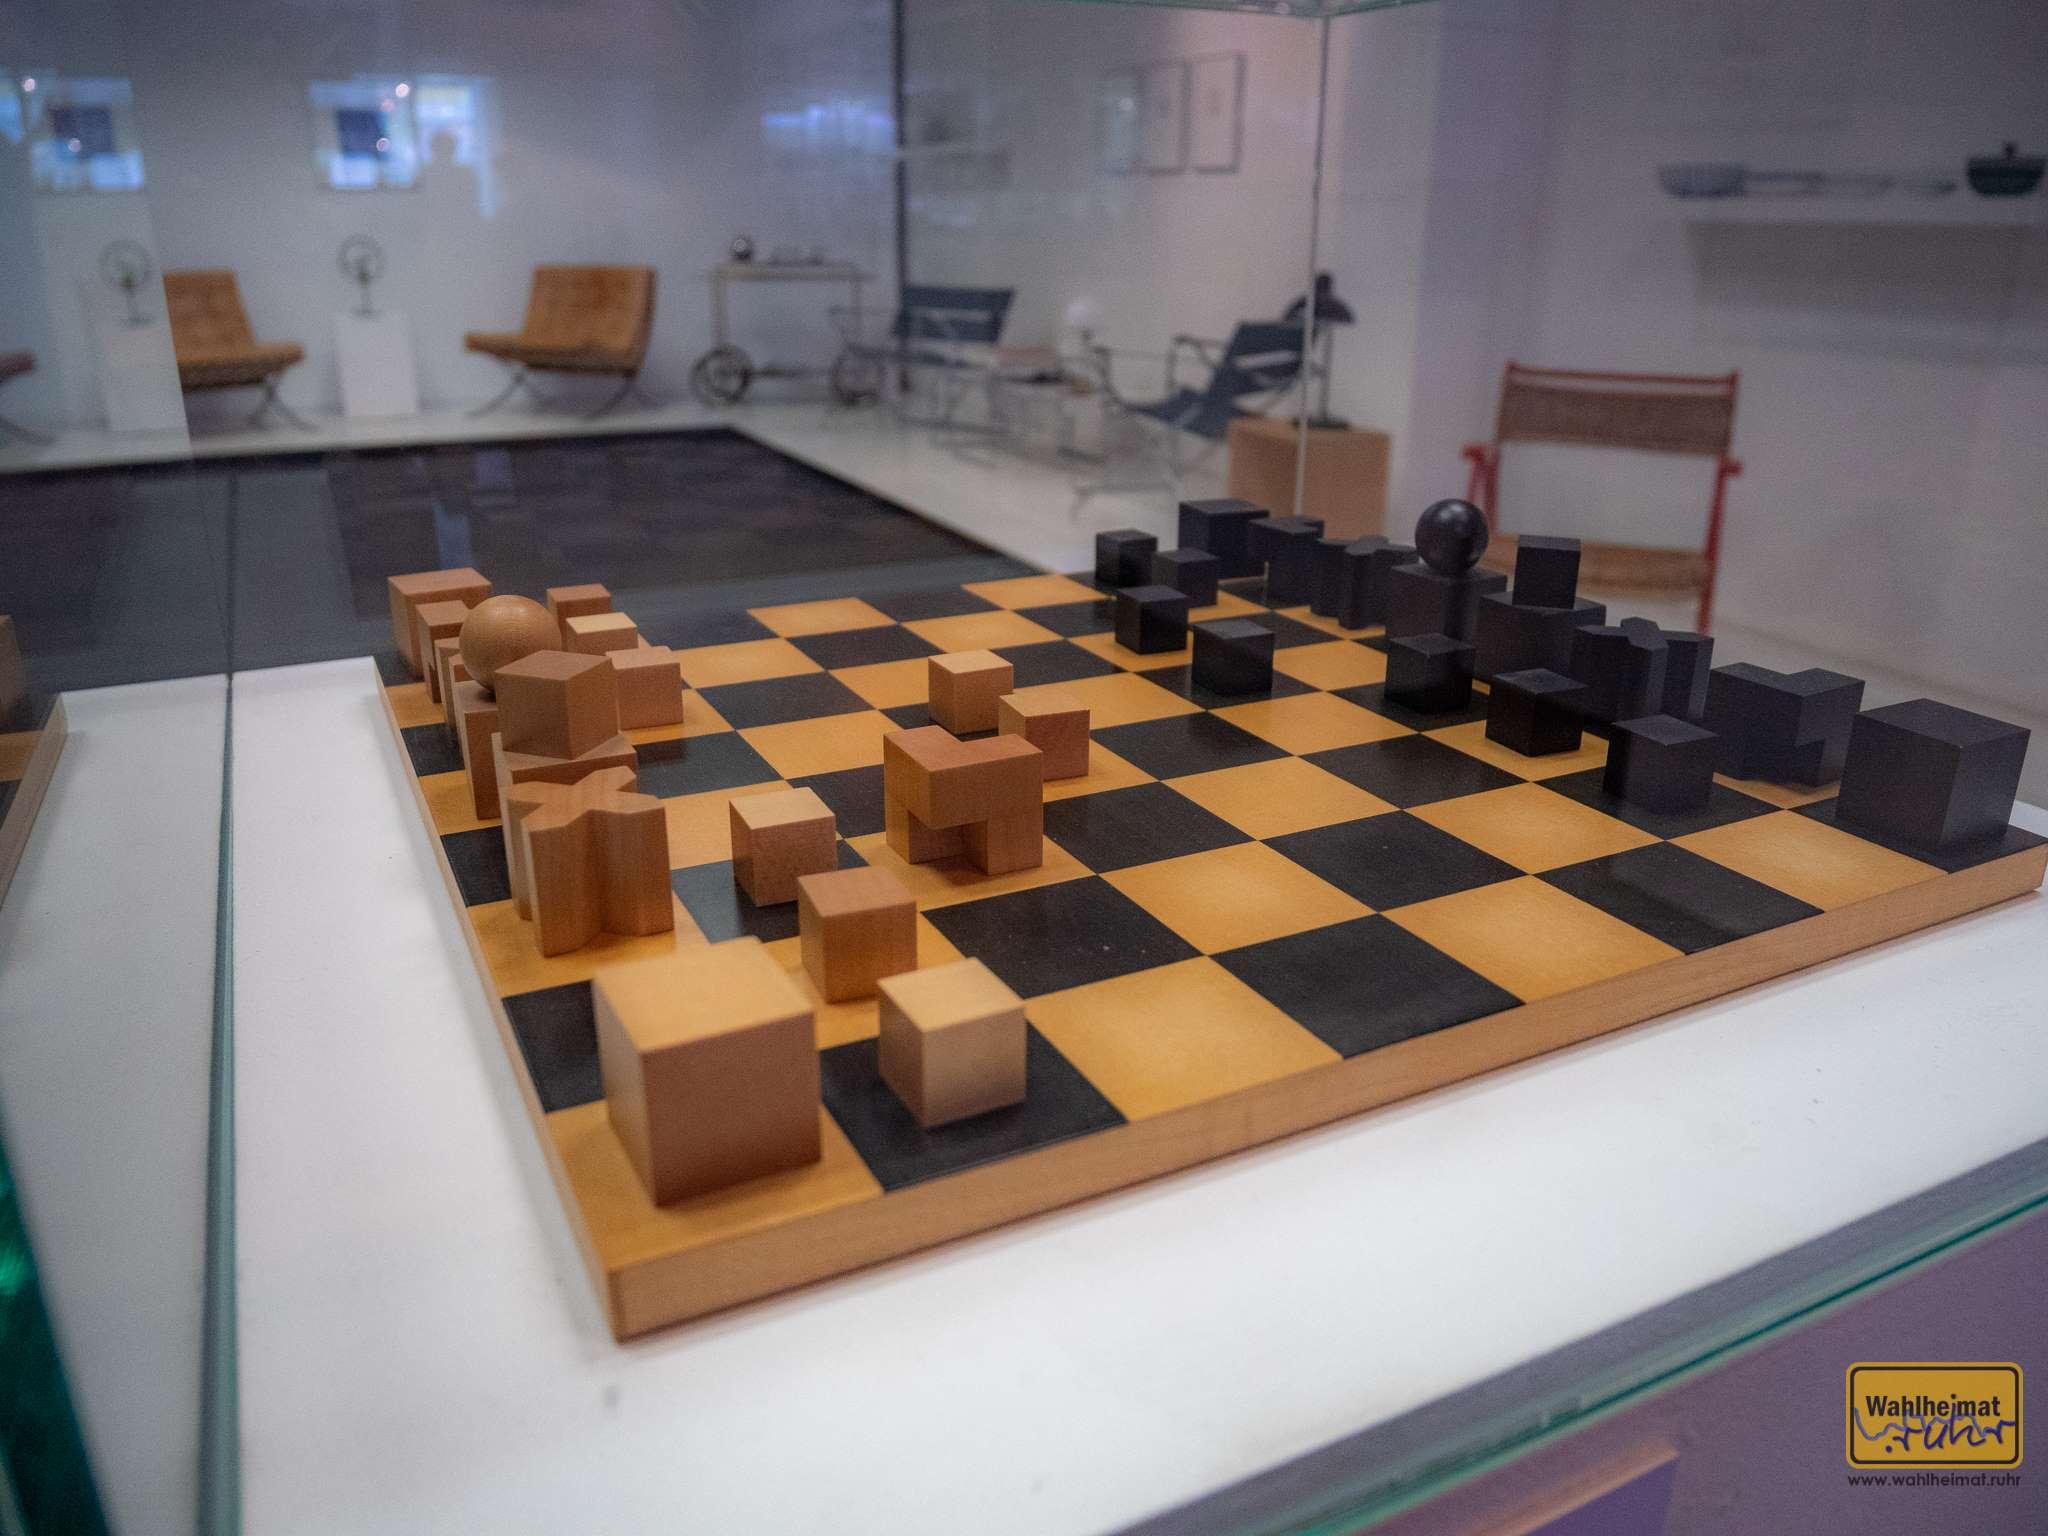 Dieses Schachspiel ist entsprechend der Grundbewegungen der Figuren gestaltet. Die Königin etwa bekommt die dynamische Form der Kugel, weil sie in alle Richtungen bewegbar ist.